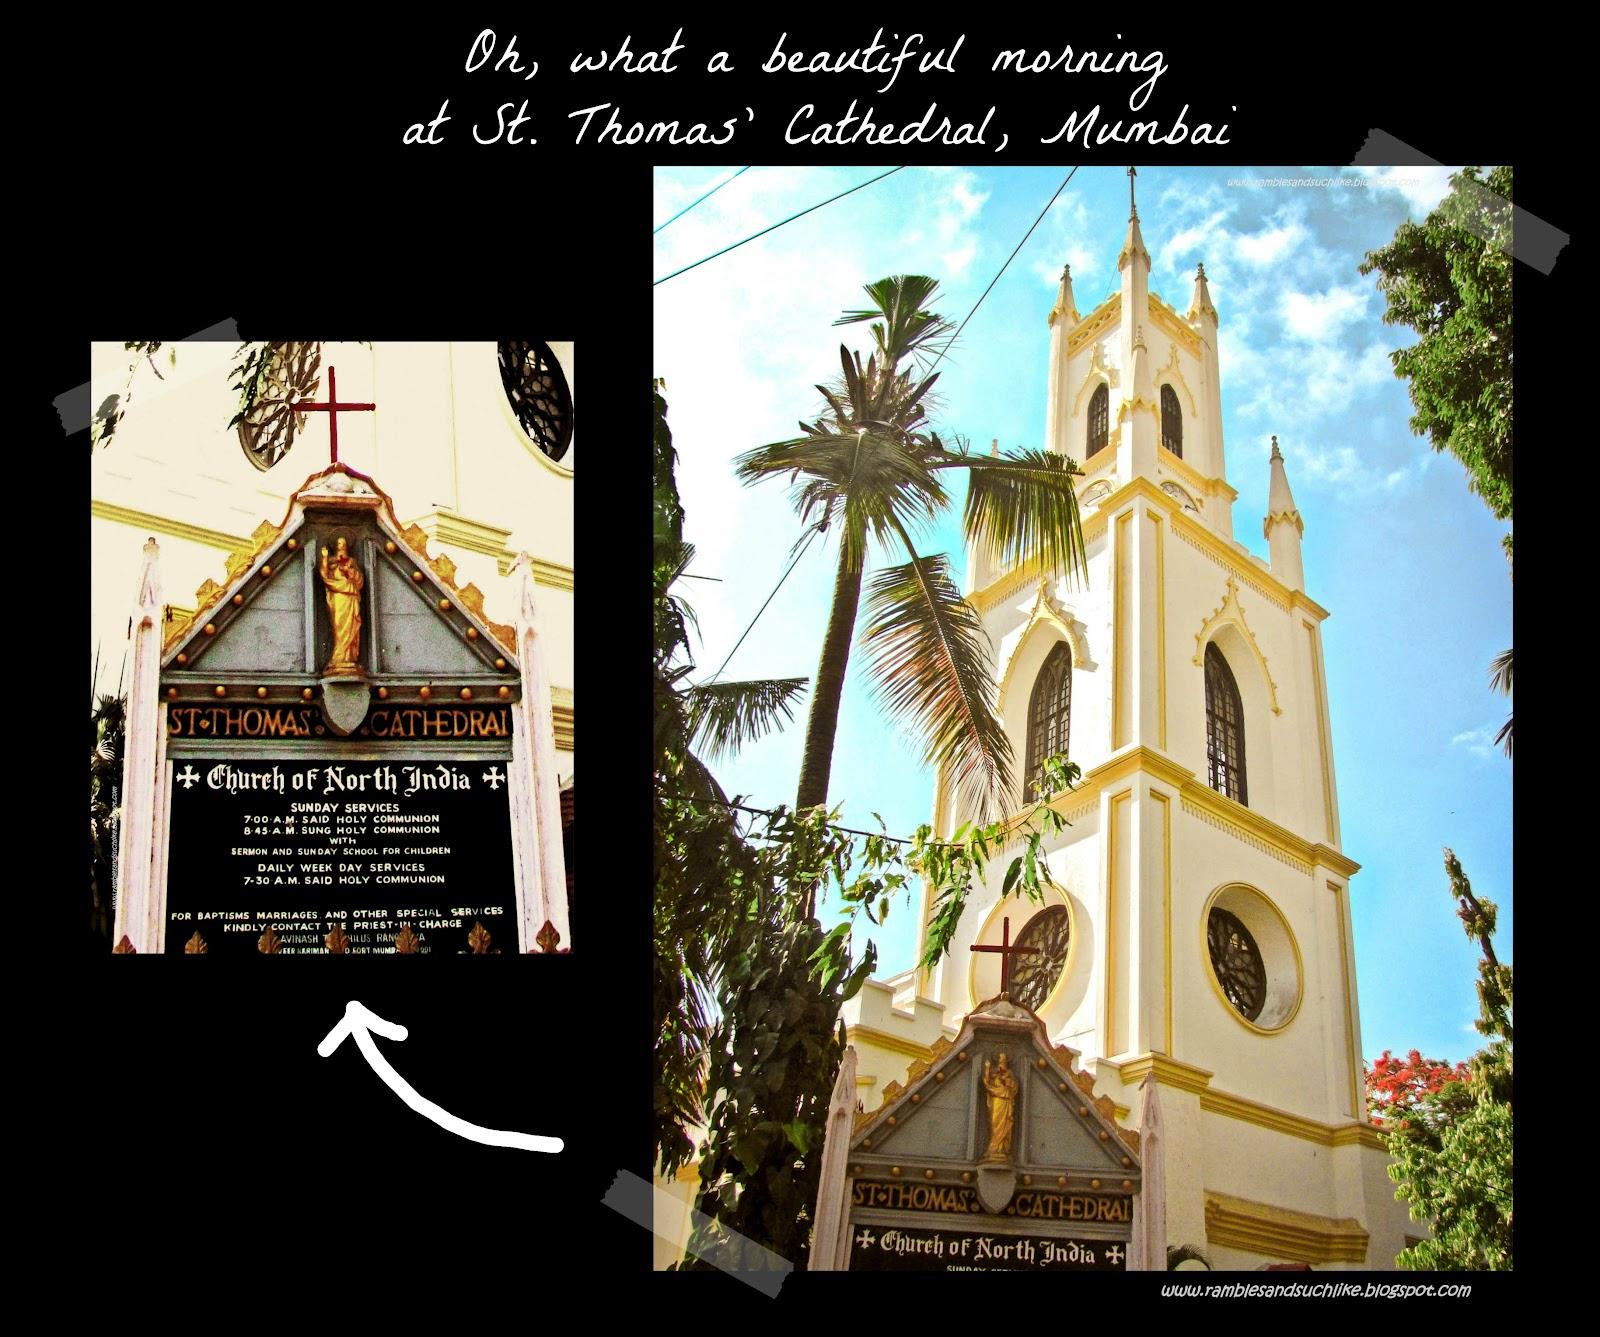 http://3.bp.blogspot.com/-MVGu49n3dkA/UDXyj5NOrfI/AAAAAAAAATQ/jxaAR013lmQ/s1600/St+T+Entrance+p-1.jpg